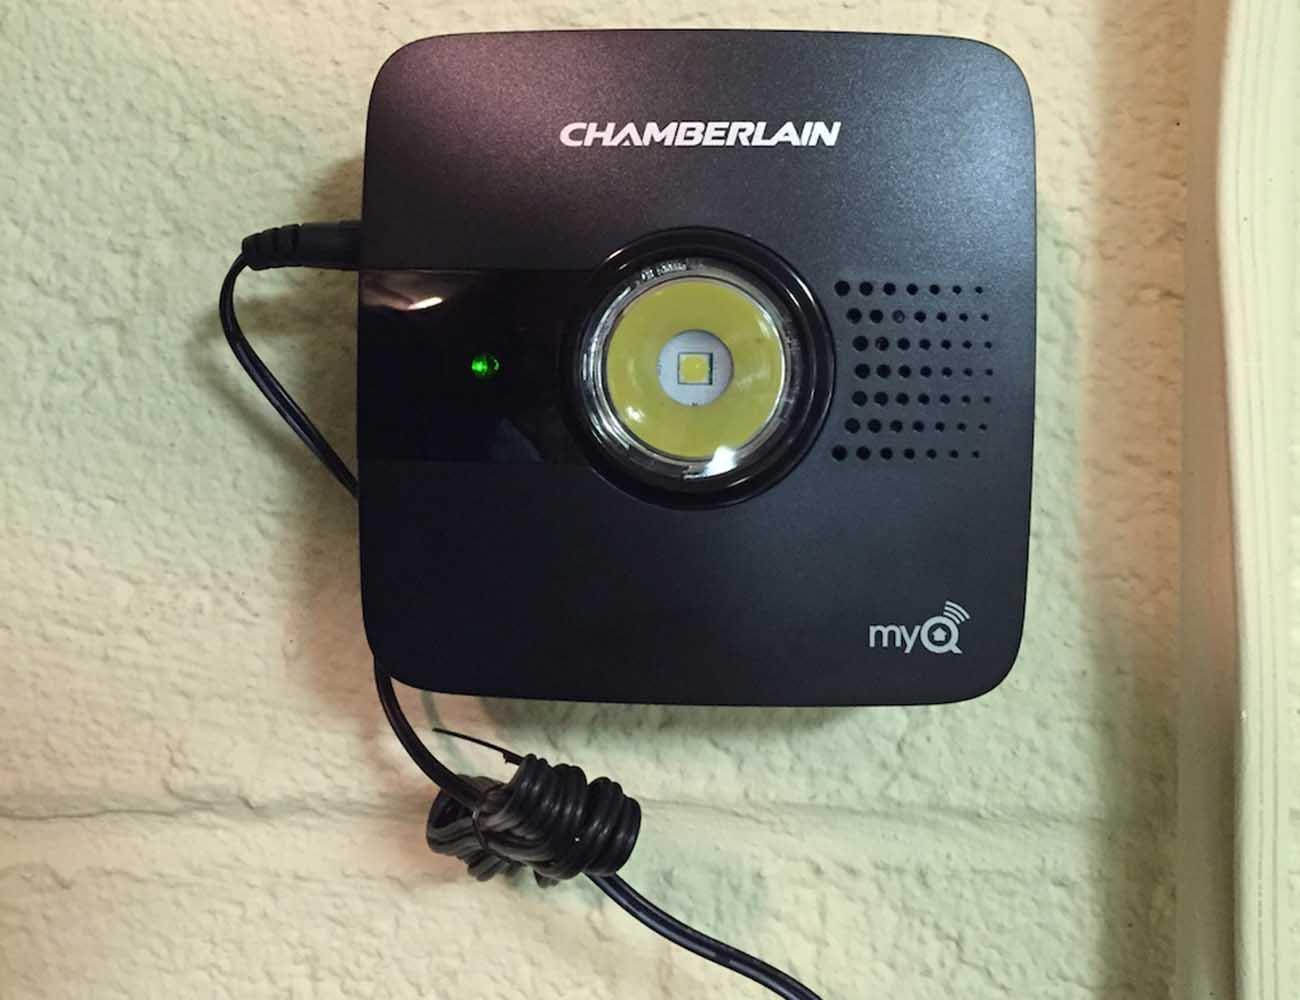 Myq garage smartphone controlled garage door opener for 10 flashes on garage door opener